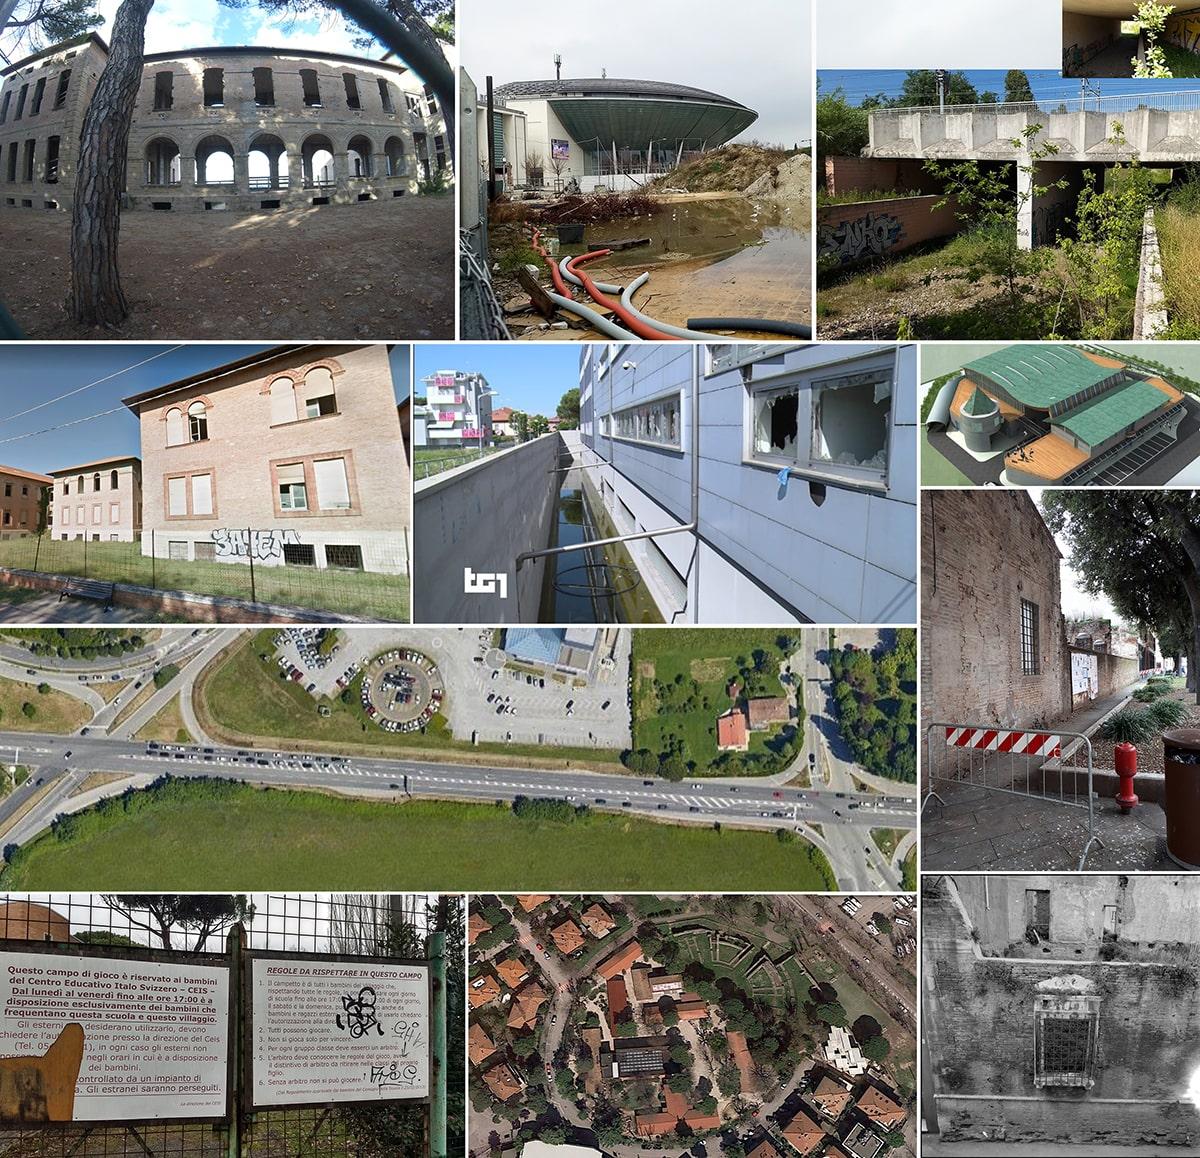 Le grandi incompiute di Rimini